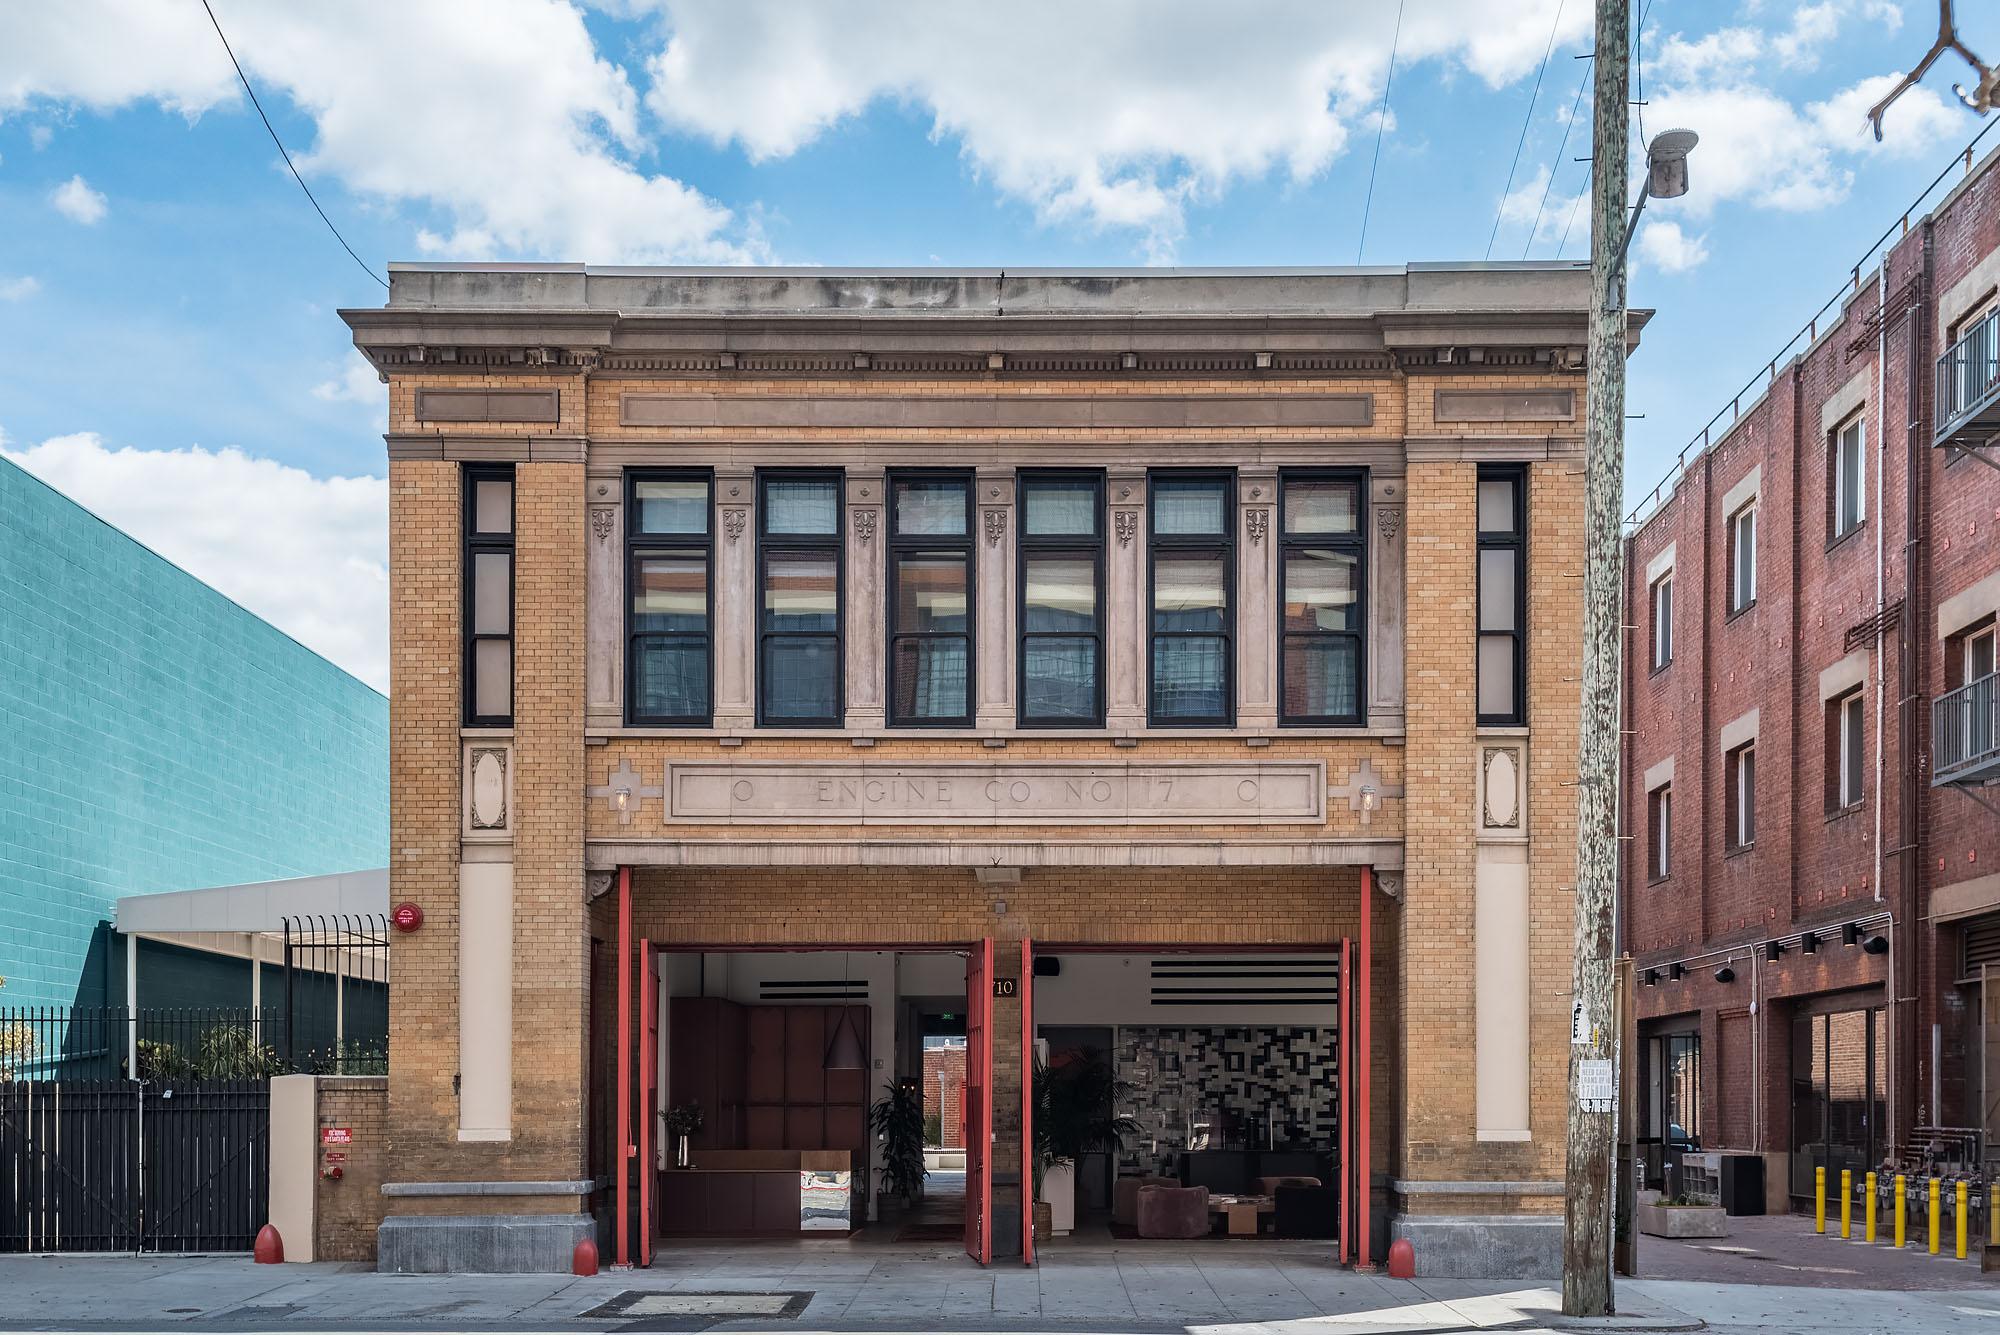 从外面看,一座历史悠久的消防站被改造成了一家精品酒店。